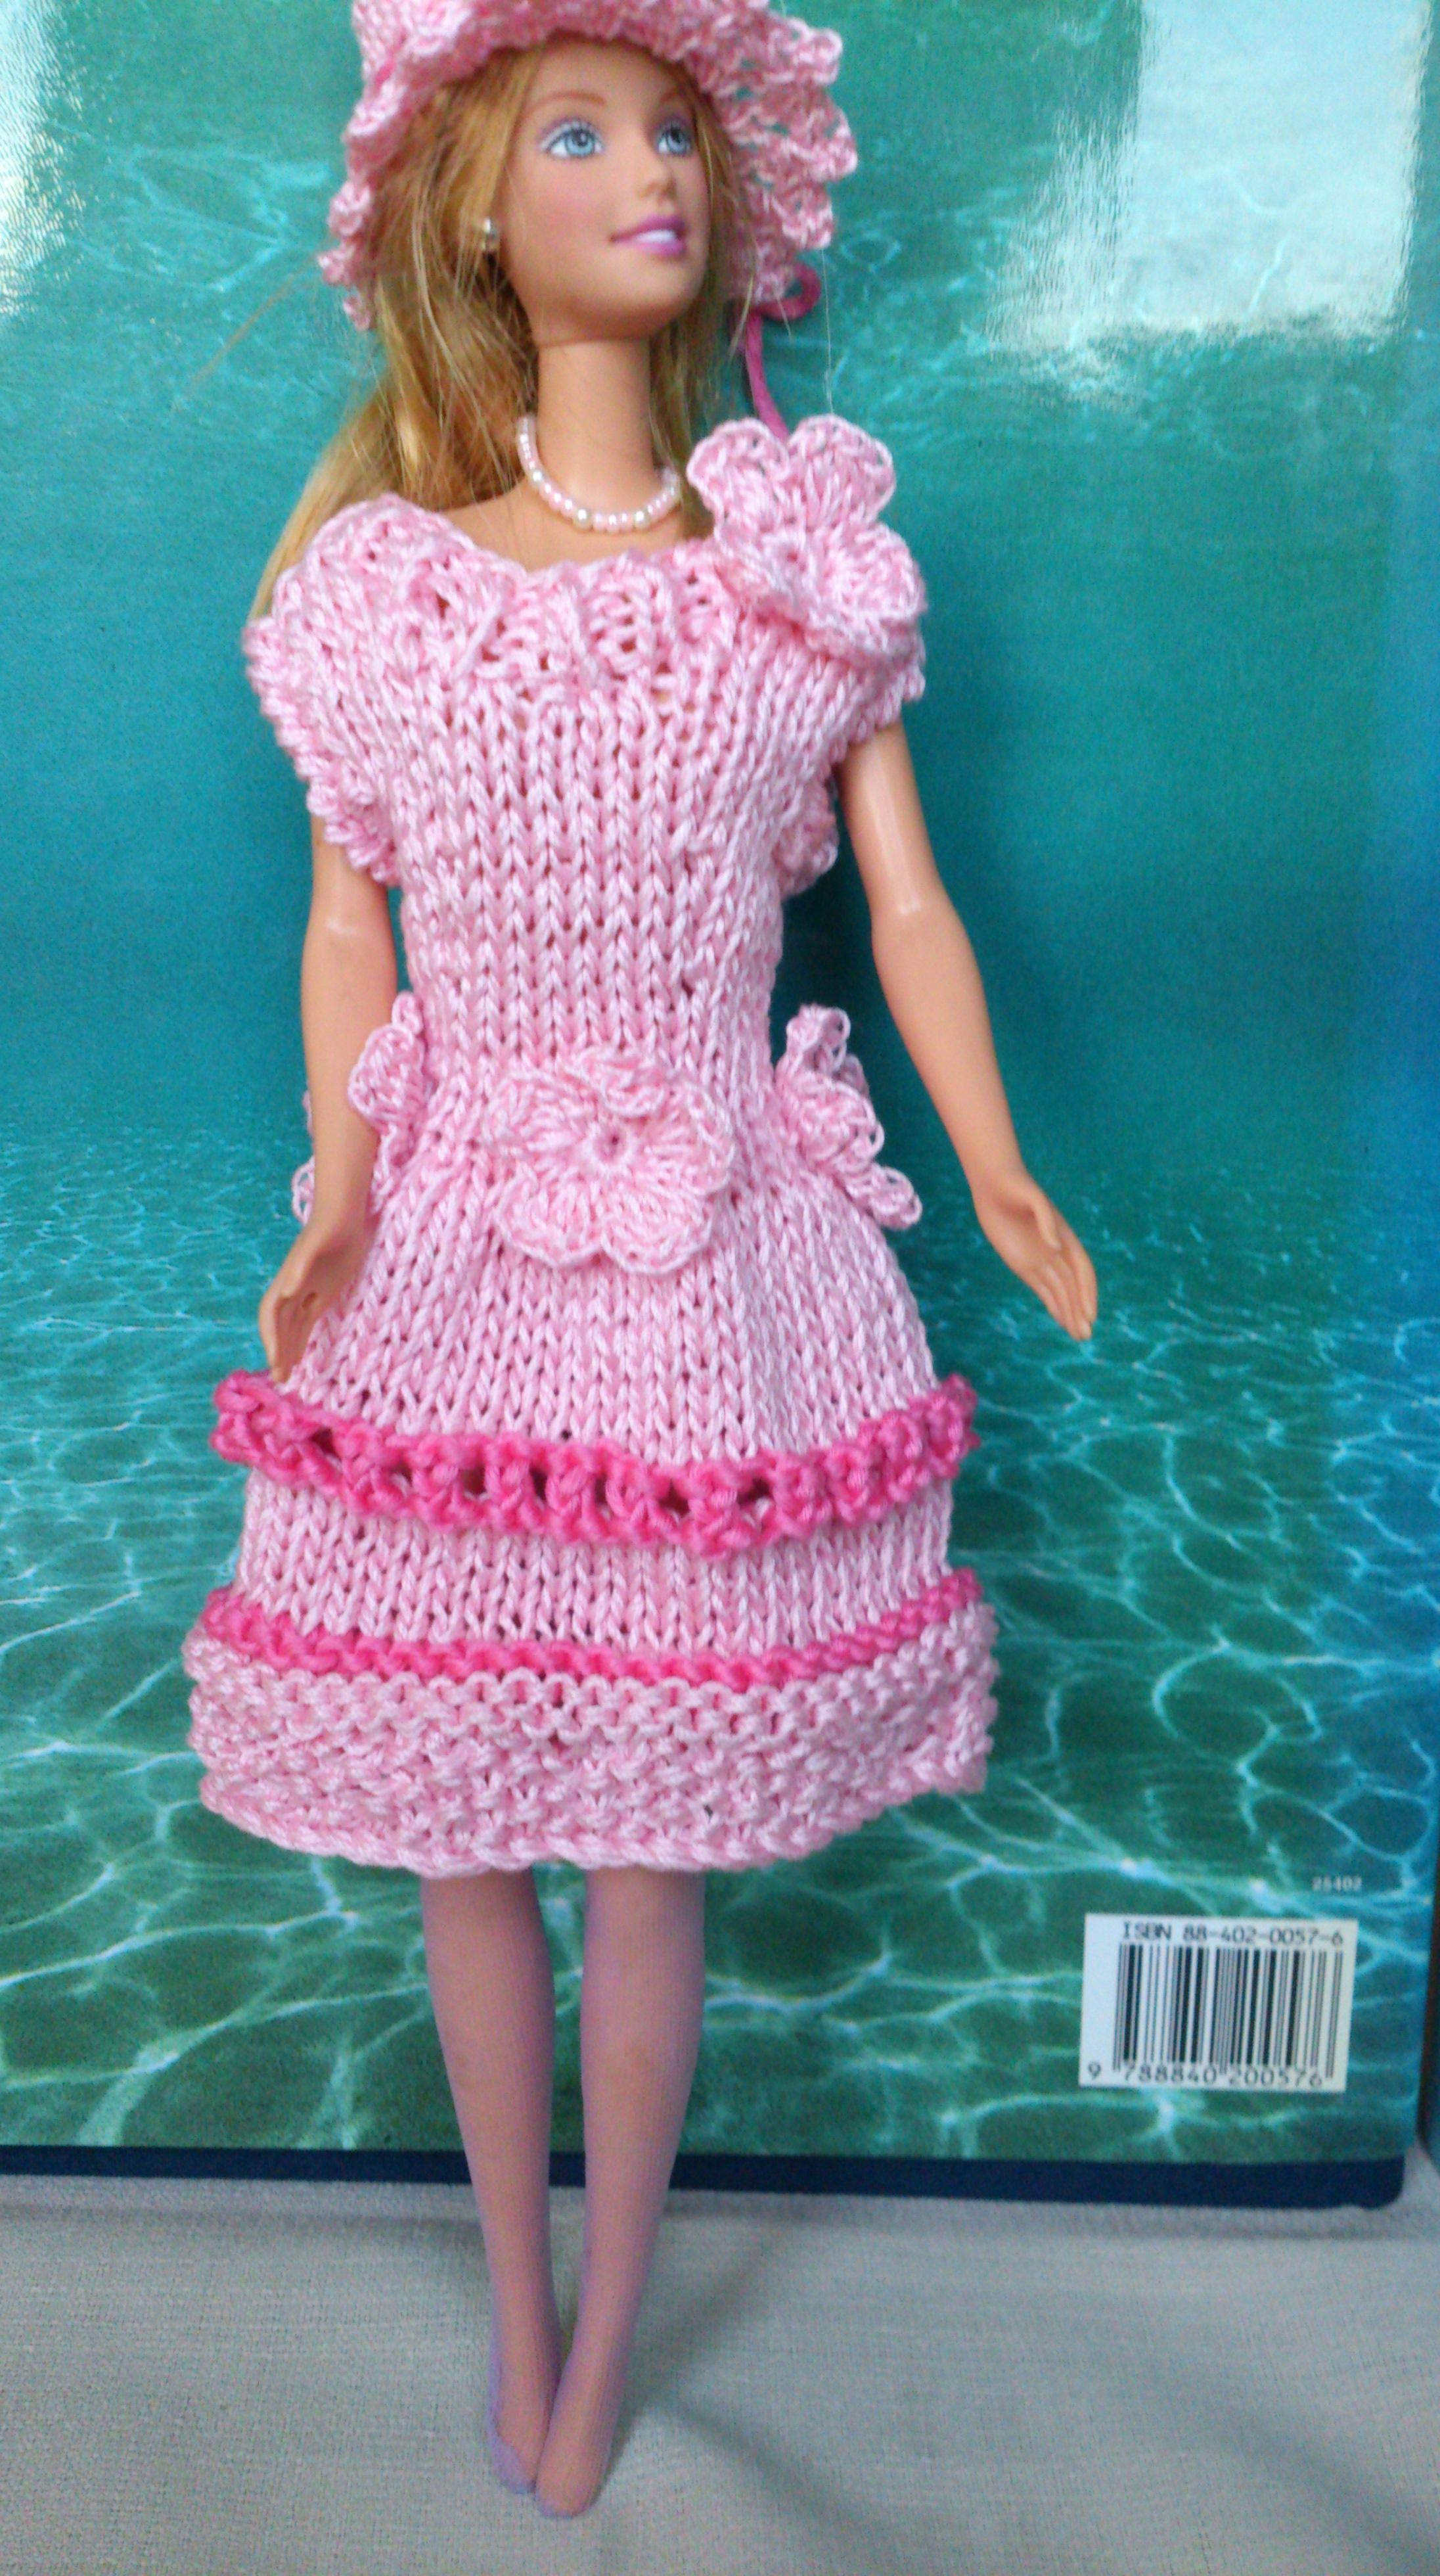 Bambole la maglia di marica for Bambole barbie